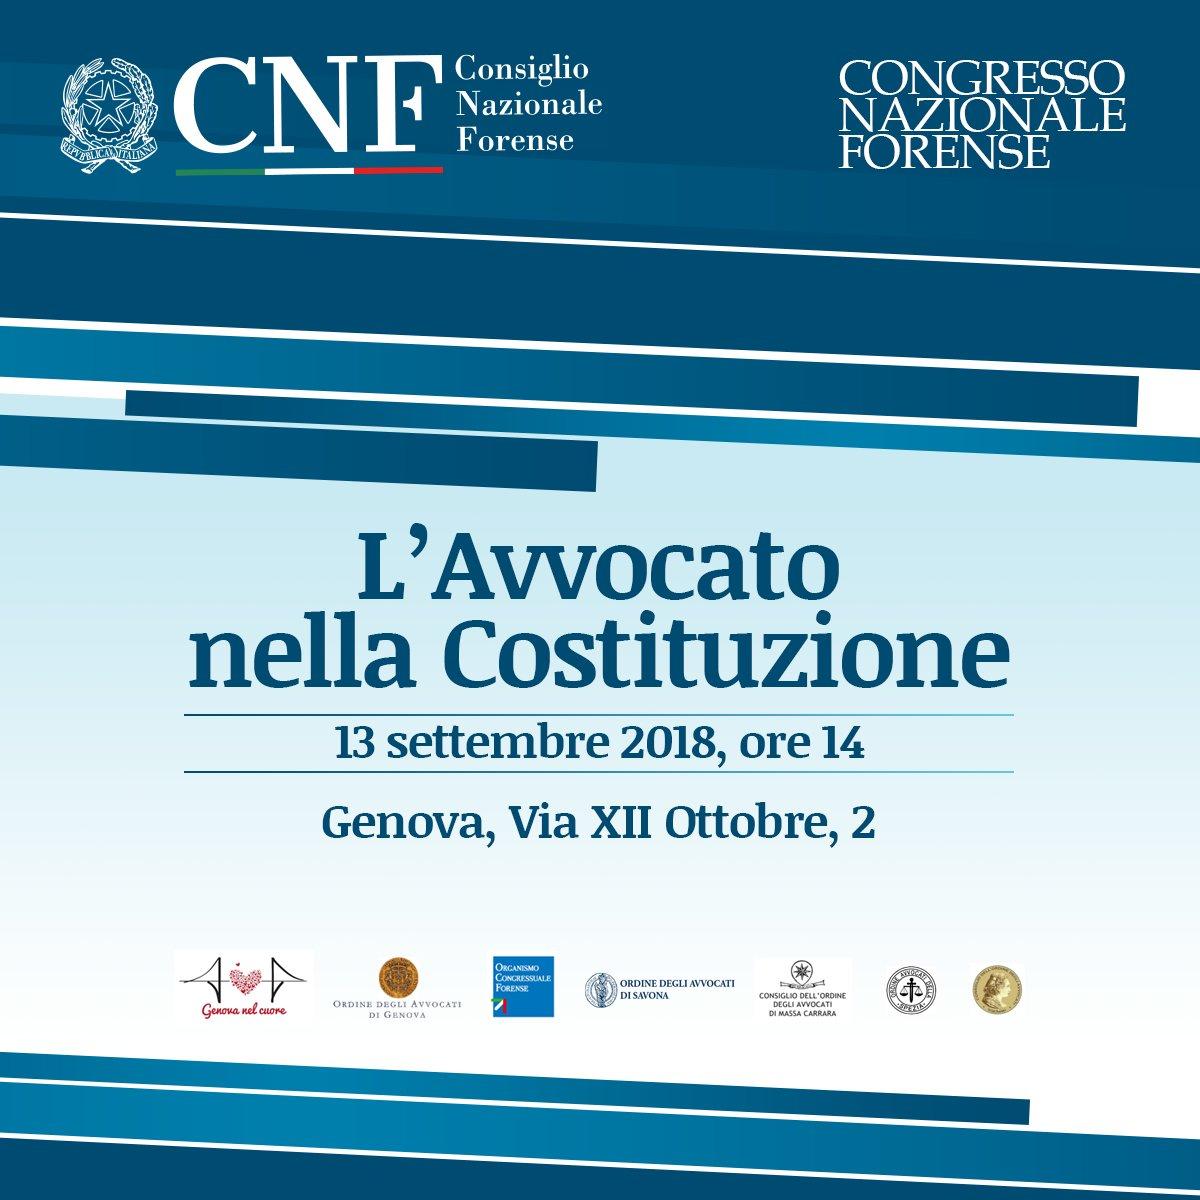 Il Presidente del #CNF @MascherinTweet interviene il 13 settembre a #Genova all'incontro sul tema congressuale dedicato al ruolo dell'#avvocato nella #Costituzione: http://bit.ly/Genova_130918  - Ukustom